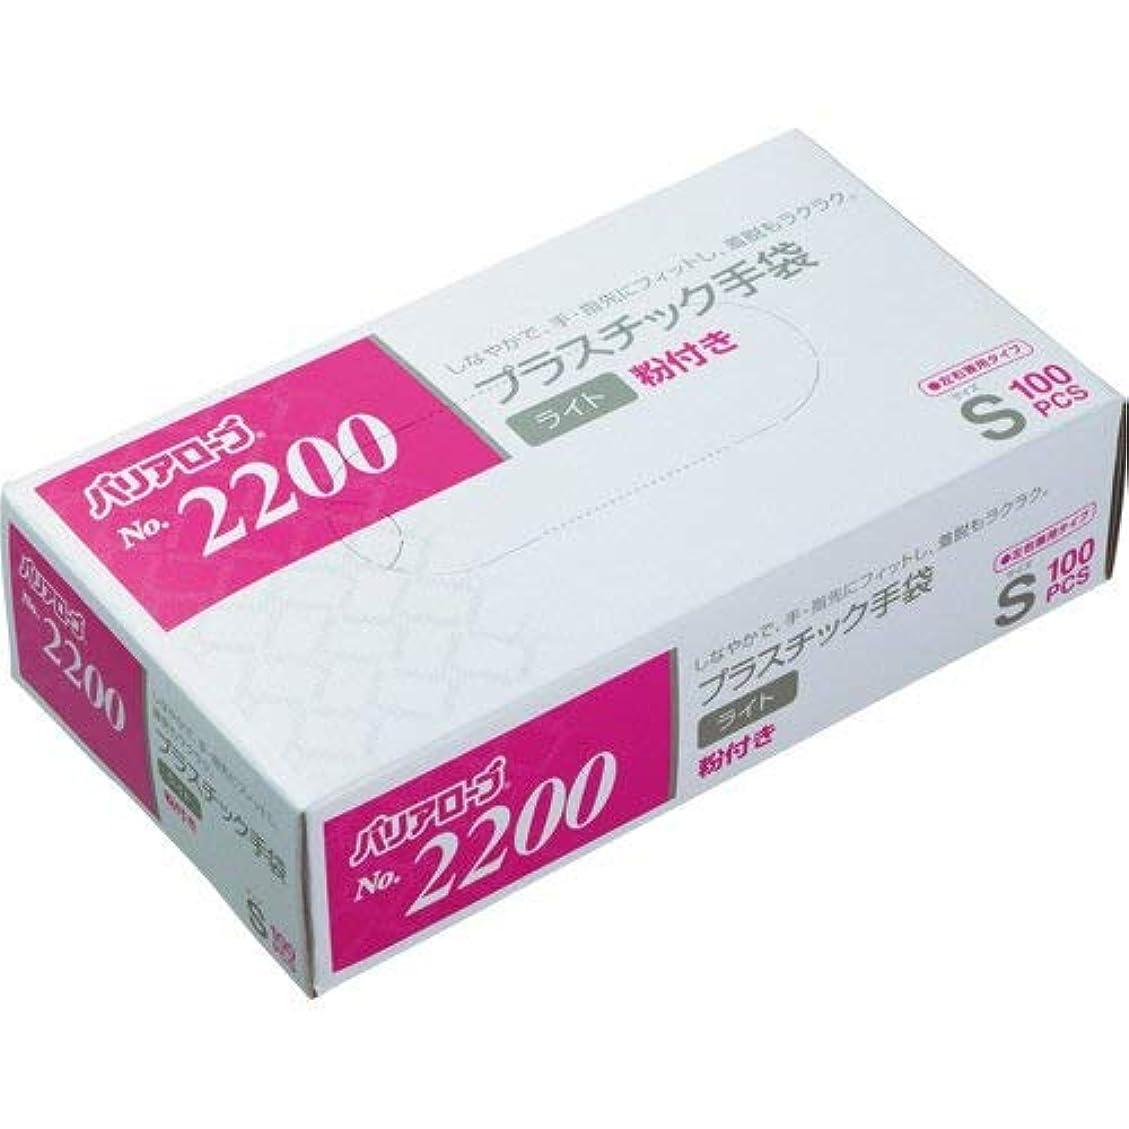 忠実な悪化させるガイドライン【ケース販売】 バリアローブ №2200 プラスチック手袋 ライト (粉付き) S 2000枚(100枚×20箱)